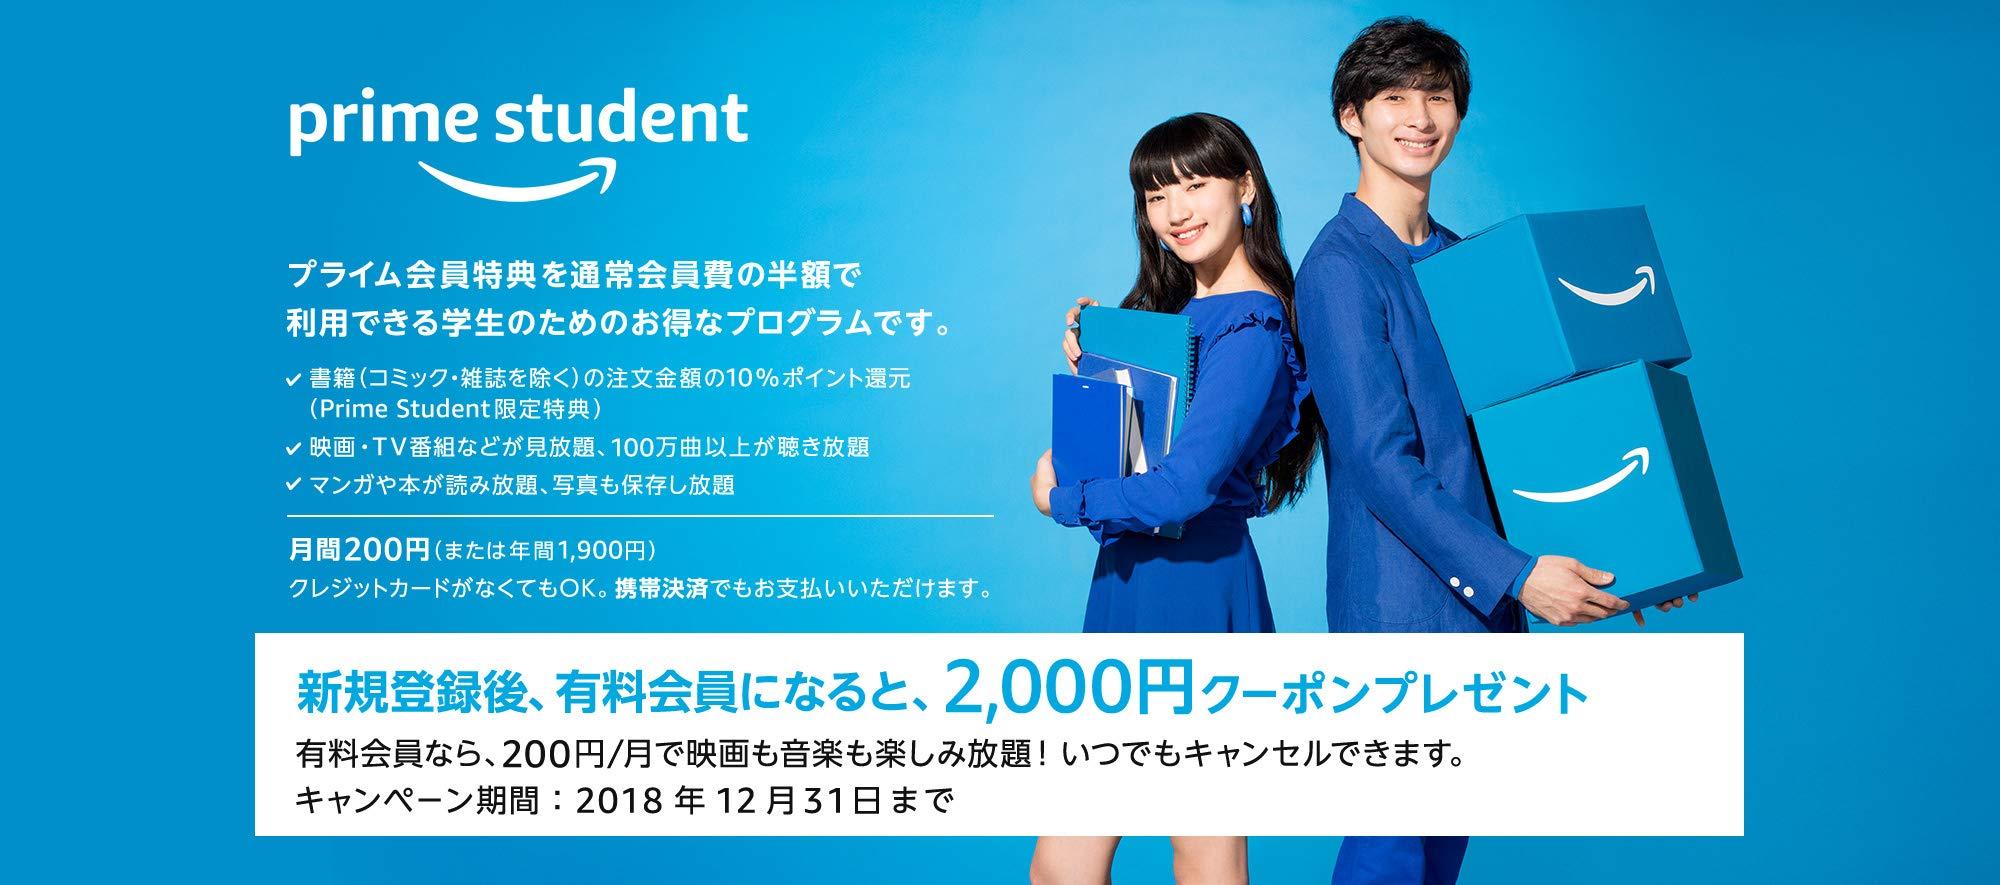 2,000円クーポンをゲット